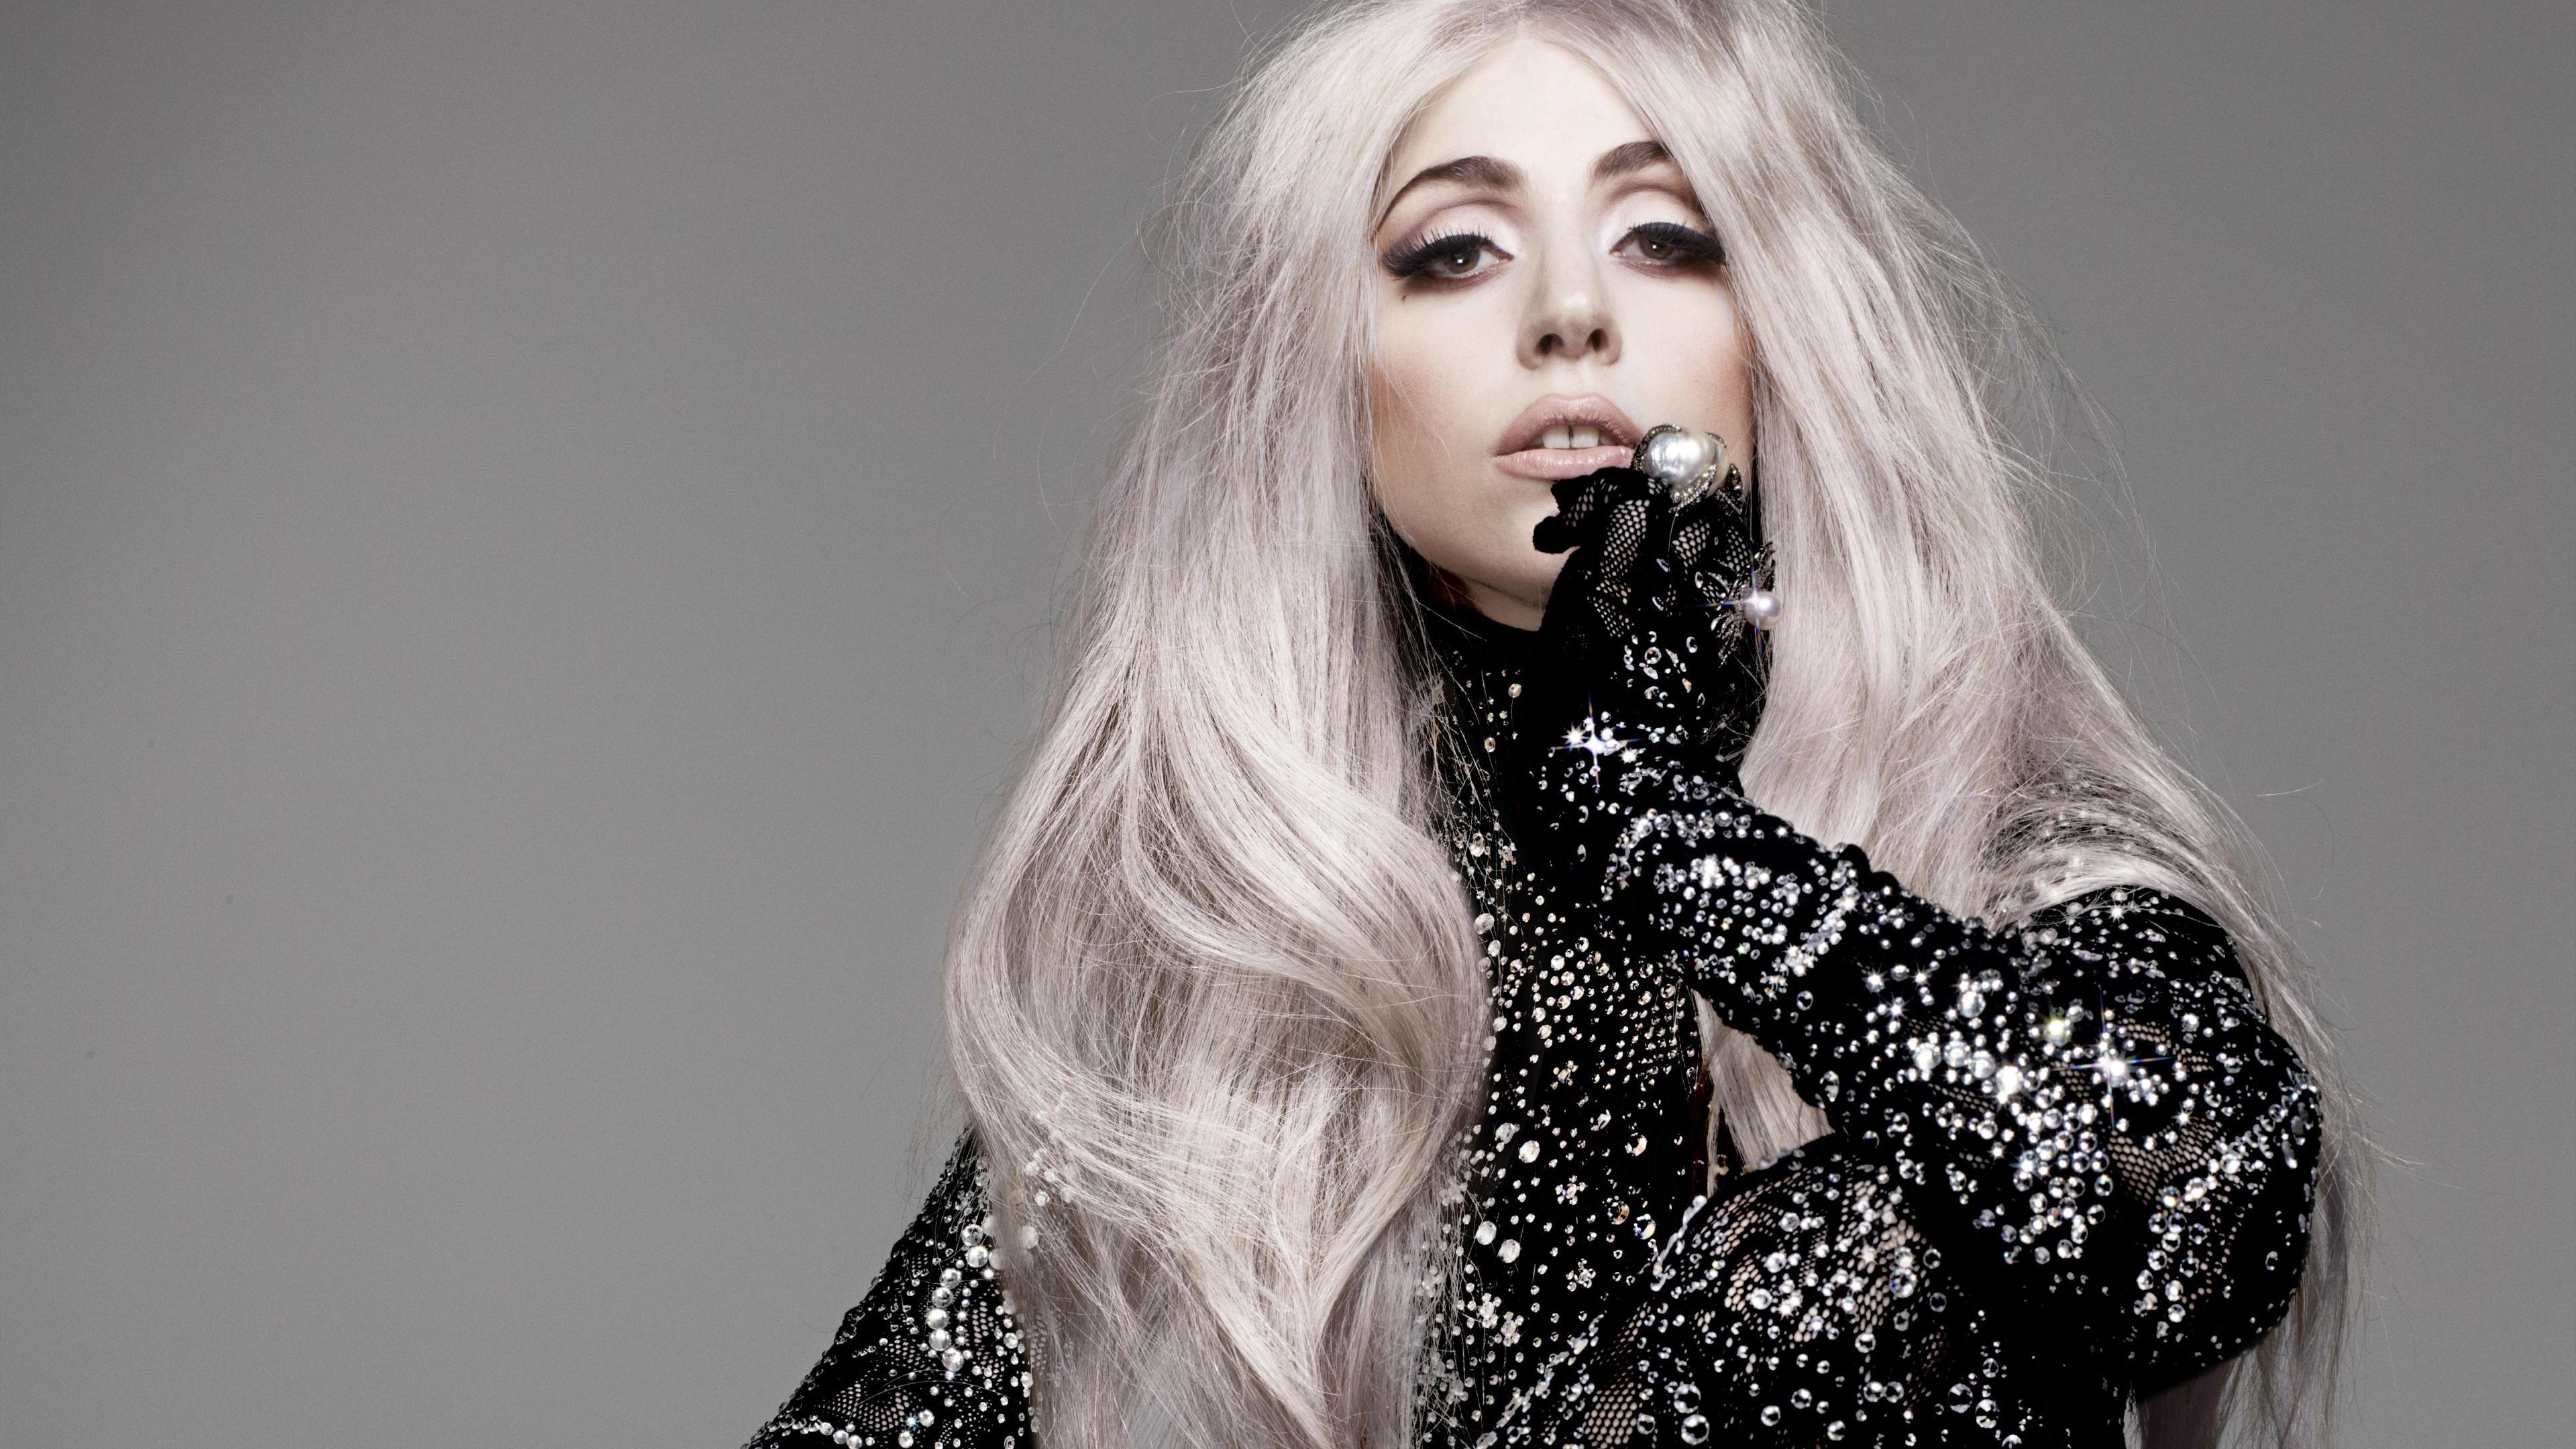 lady gaga 2019 4k 1553073099 - Lady Gaga 2019 4k - singer wallpapers, music wallpapers, lady gaga wallpapers, hd-wallpapers, girls wallpapers, celebrities wallpapers, 4k-wallpapers